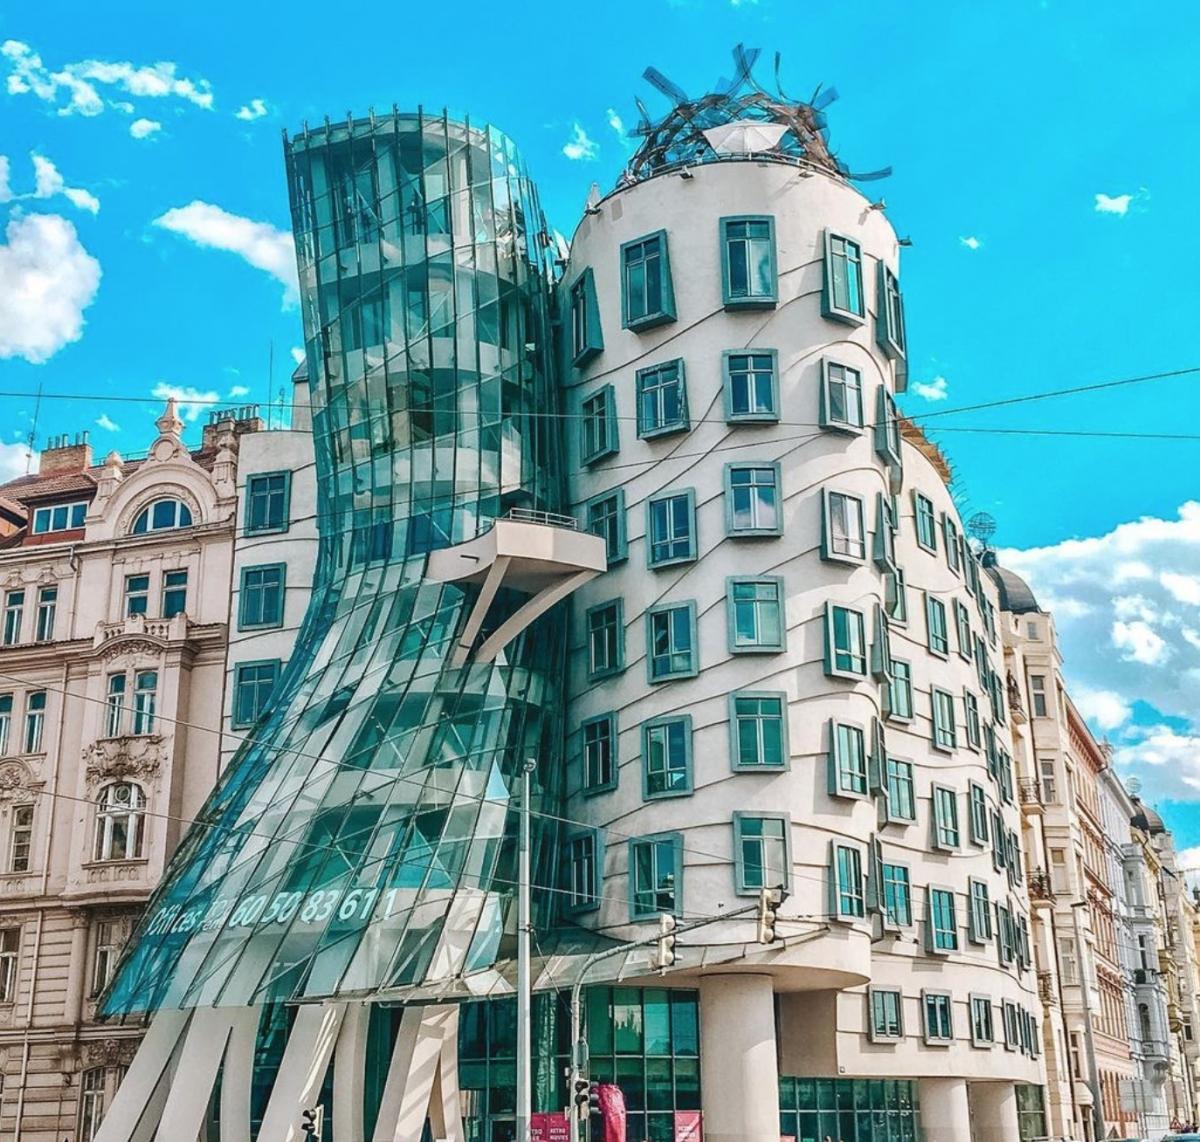 Tòa nhà ở thủ đô Praha, Cộng hòa Séc được thiết kế với hình dáng lạ kỳ, đúng như lên gọi 'lóng' của nó - 'Tòa nhà Khiêu vũ'